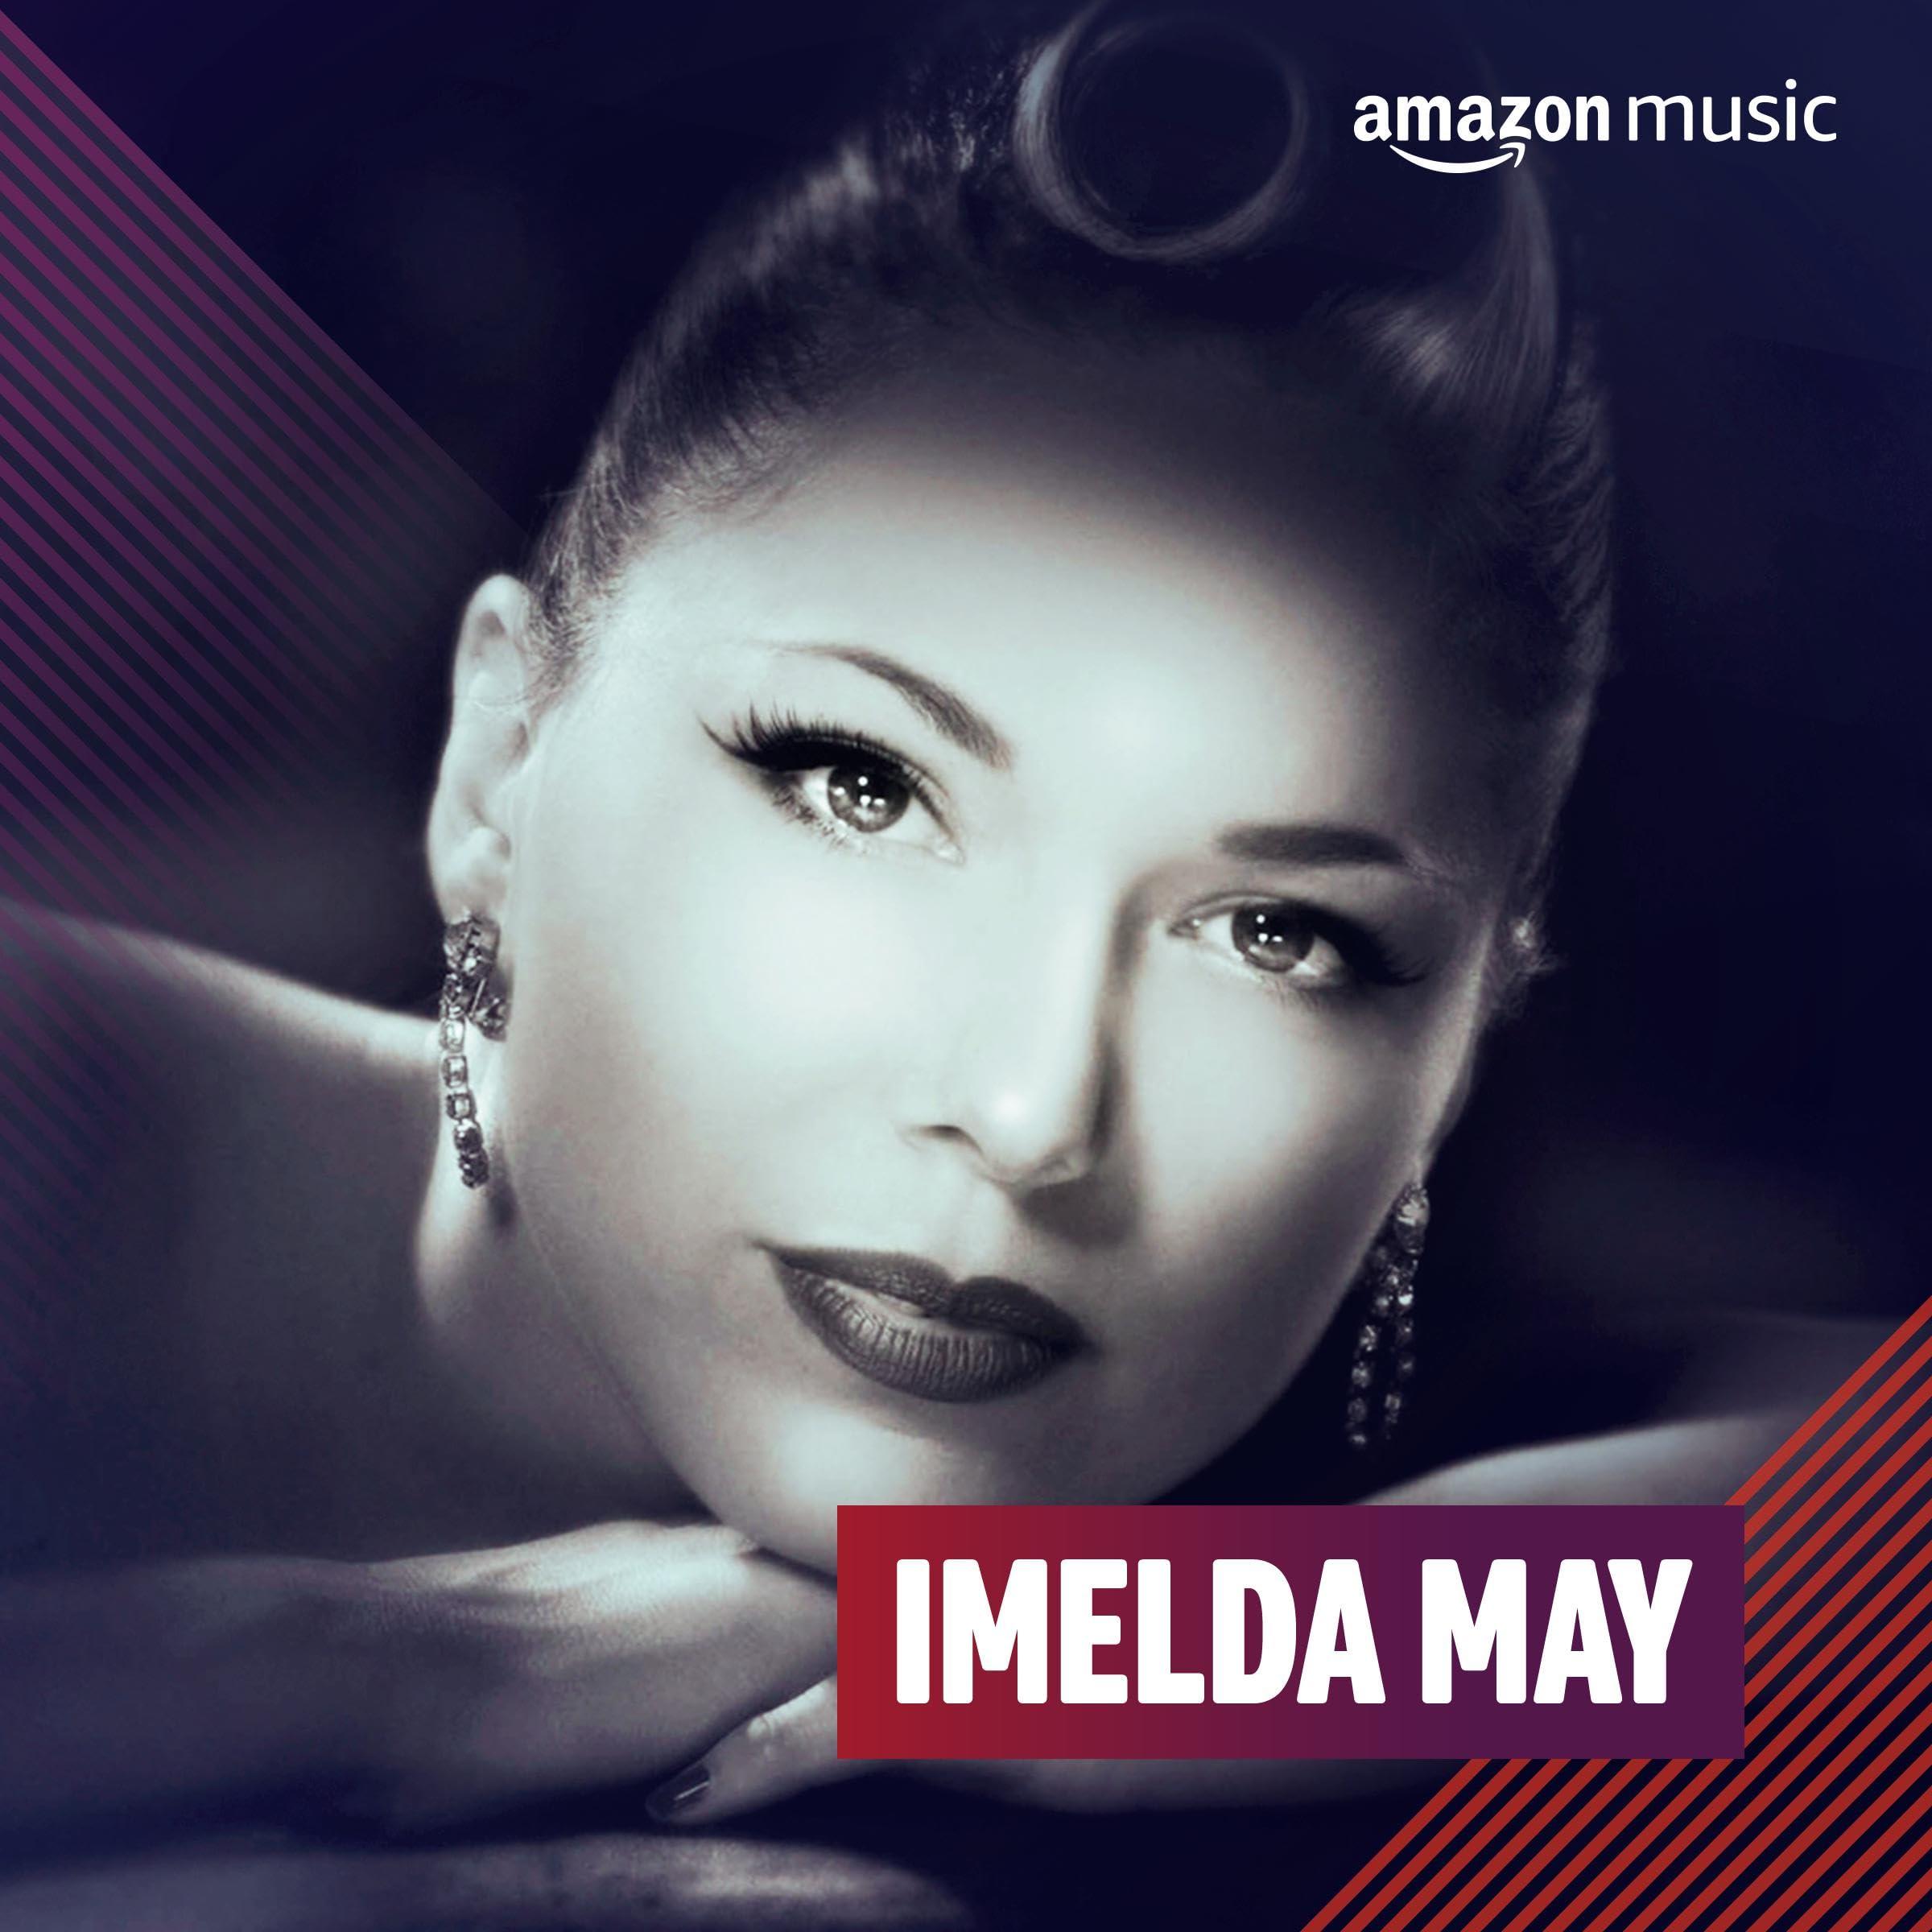 Imelda May